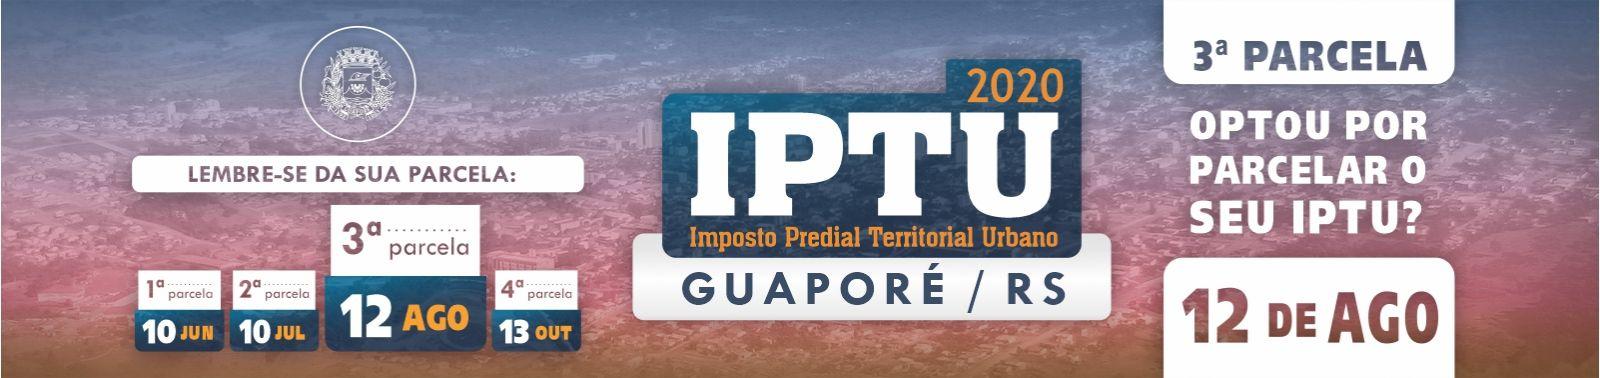 Banner 2 - IPTU - 3ª Parcela